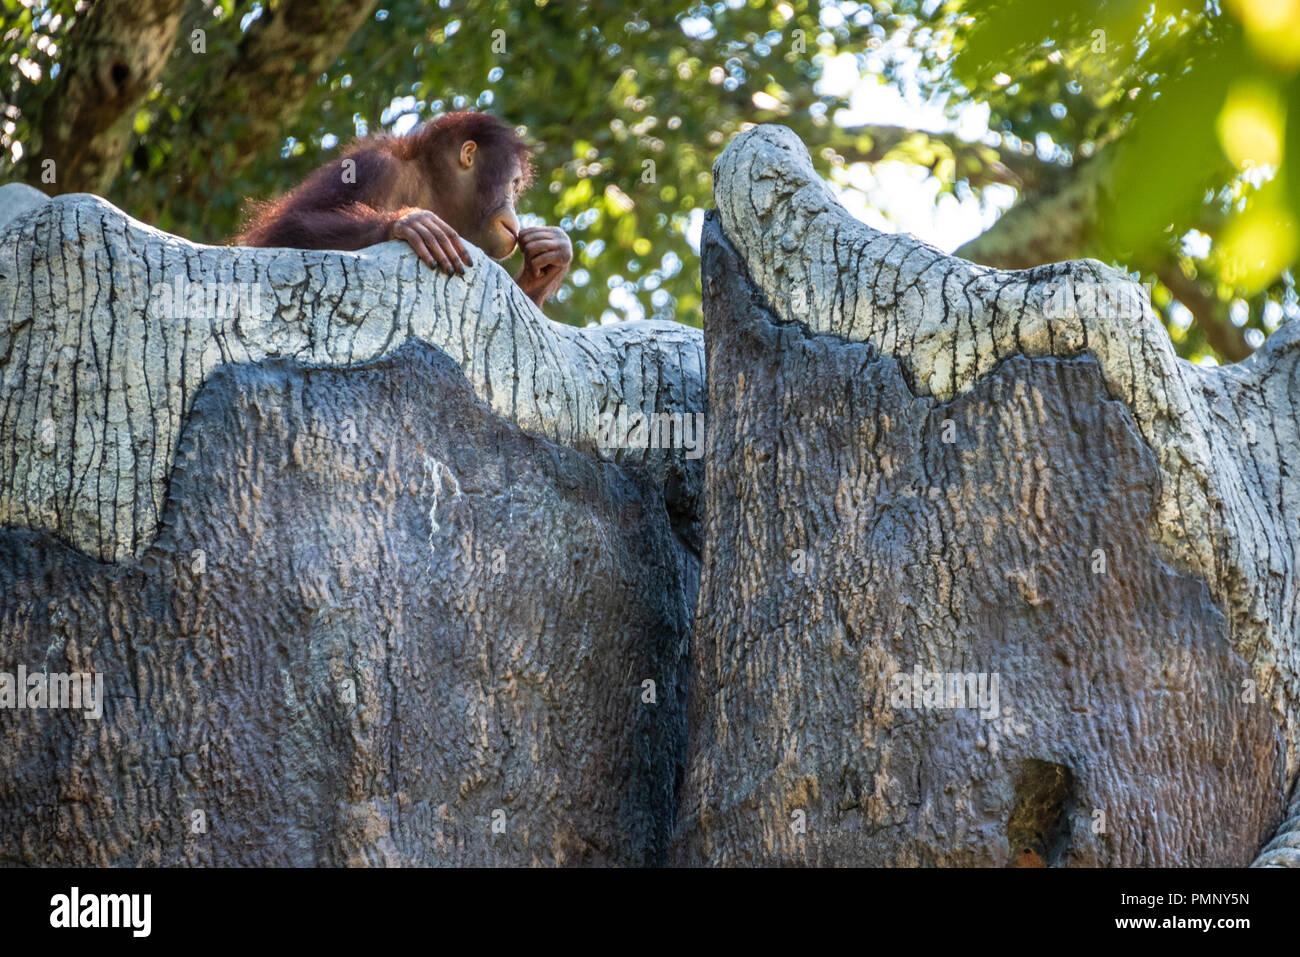 Young Bornean orangutan (Pongo pygmaeus) at Zoo Atlanta near downtown Atlanta, Georgia. (USA) - Stock Image